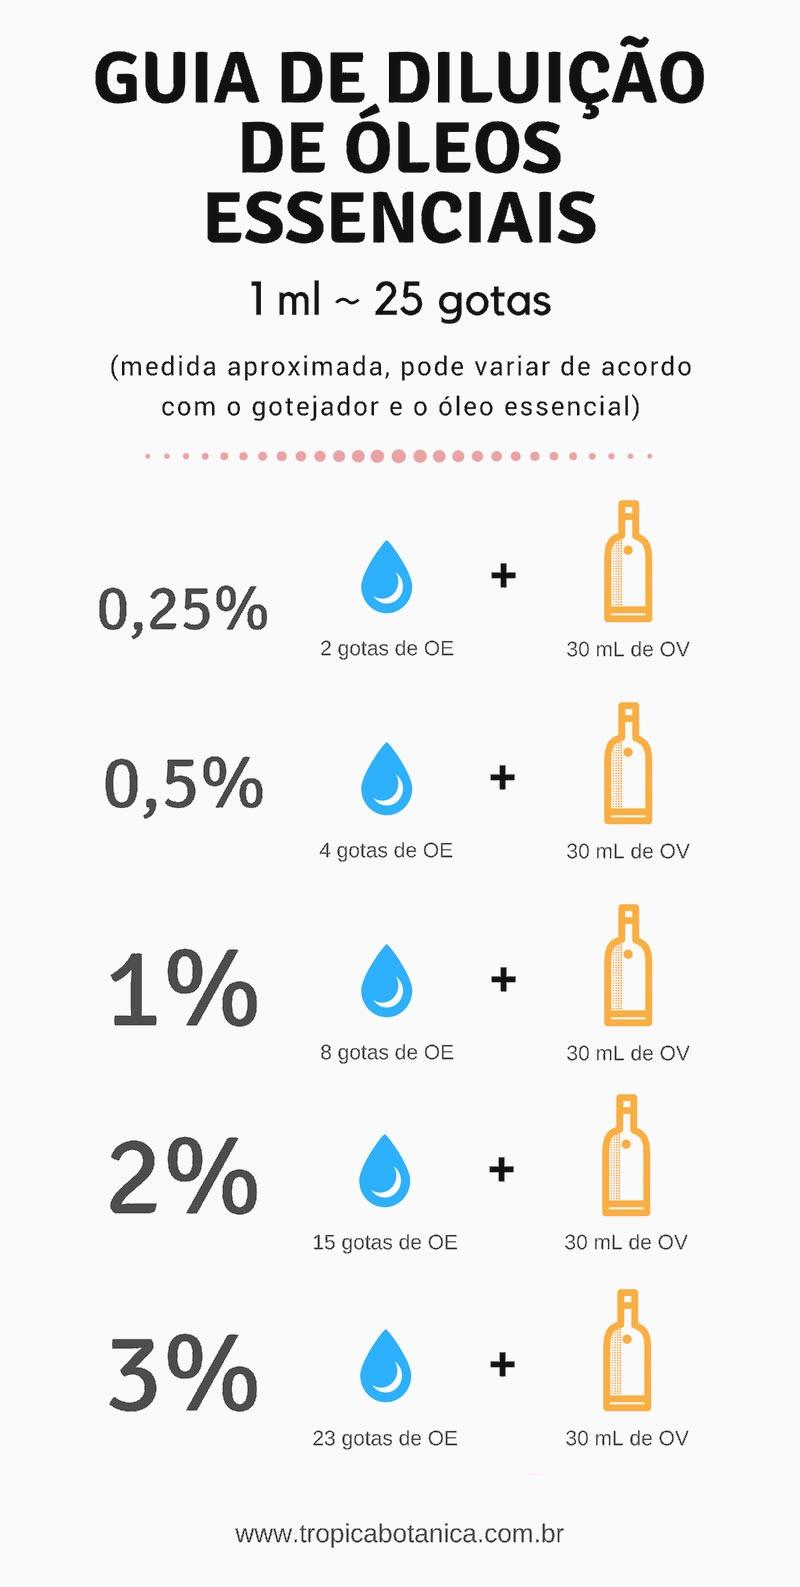 tabela de diluição de óleos essenciais